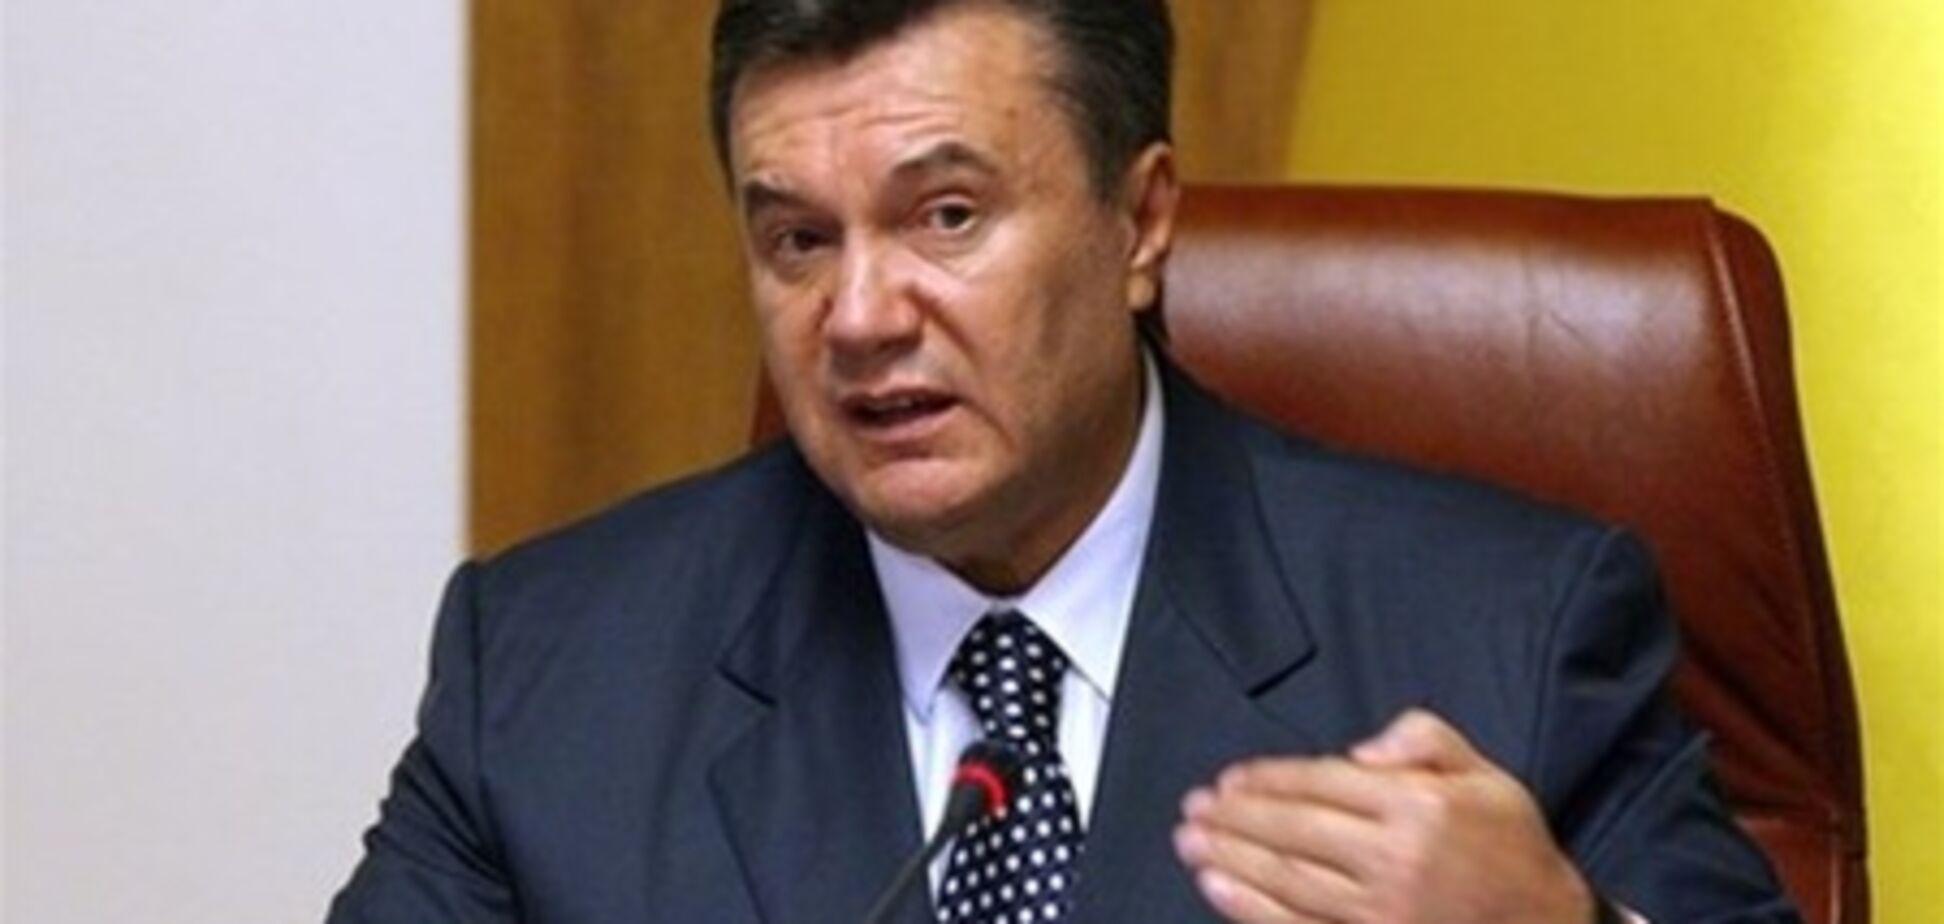 Янукович: Максиму Дмитренко нужно компенсировать убытки